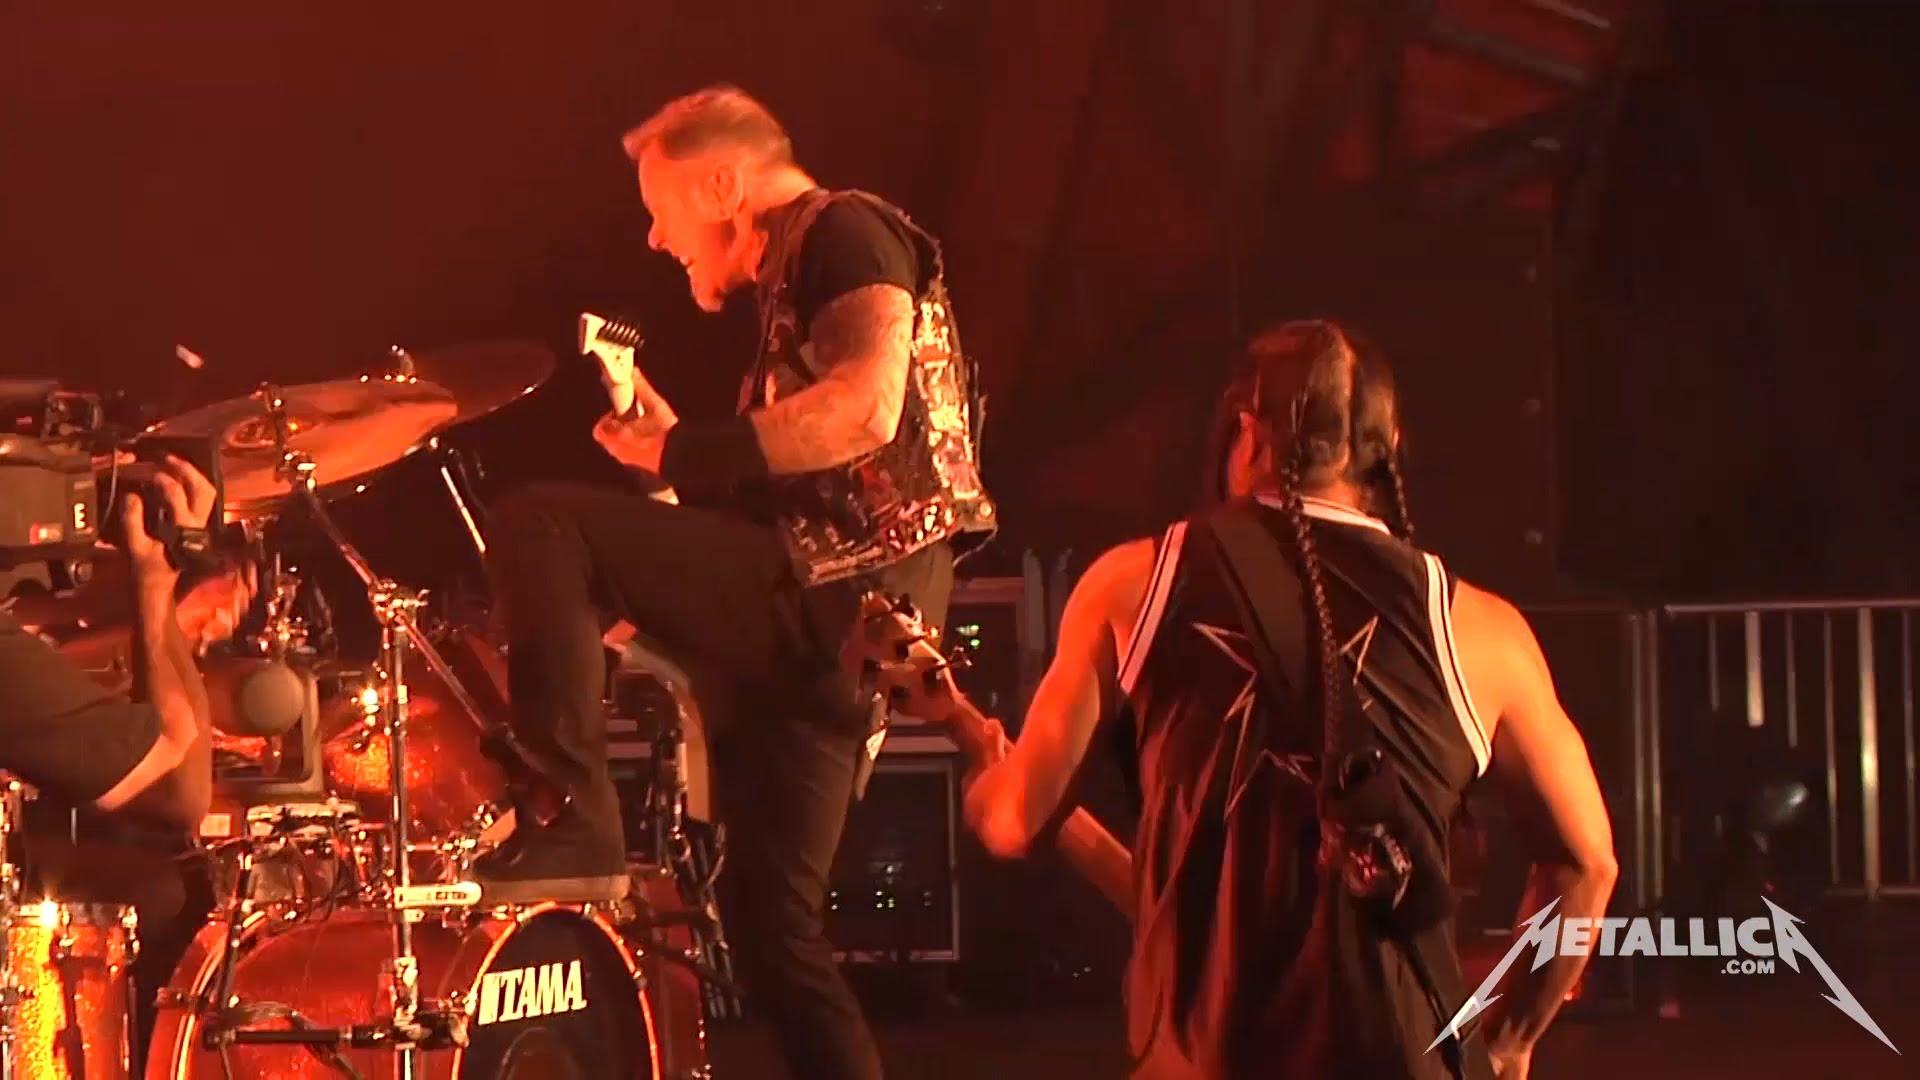 Metallica Blackened (MetOnTour - Roskilde, Denmark - 2013)